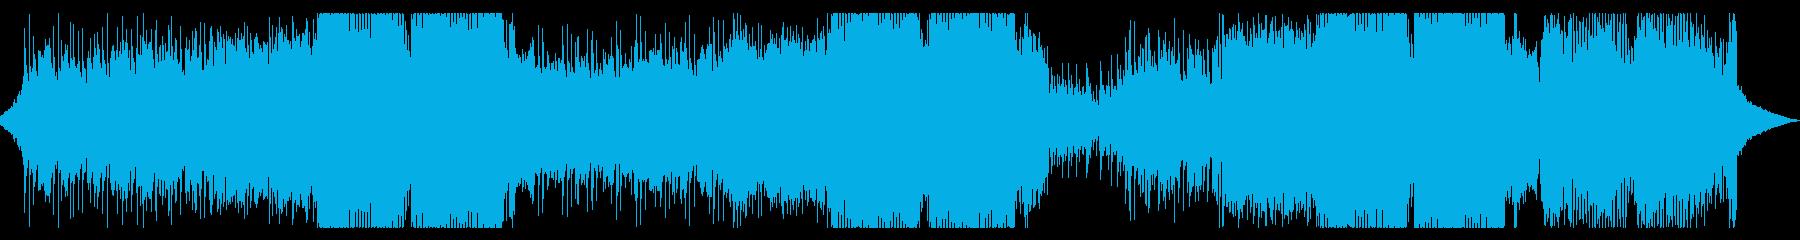 疾走感のあるEDMです。の再生済みの波形